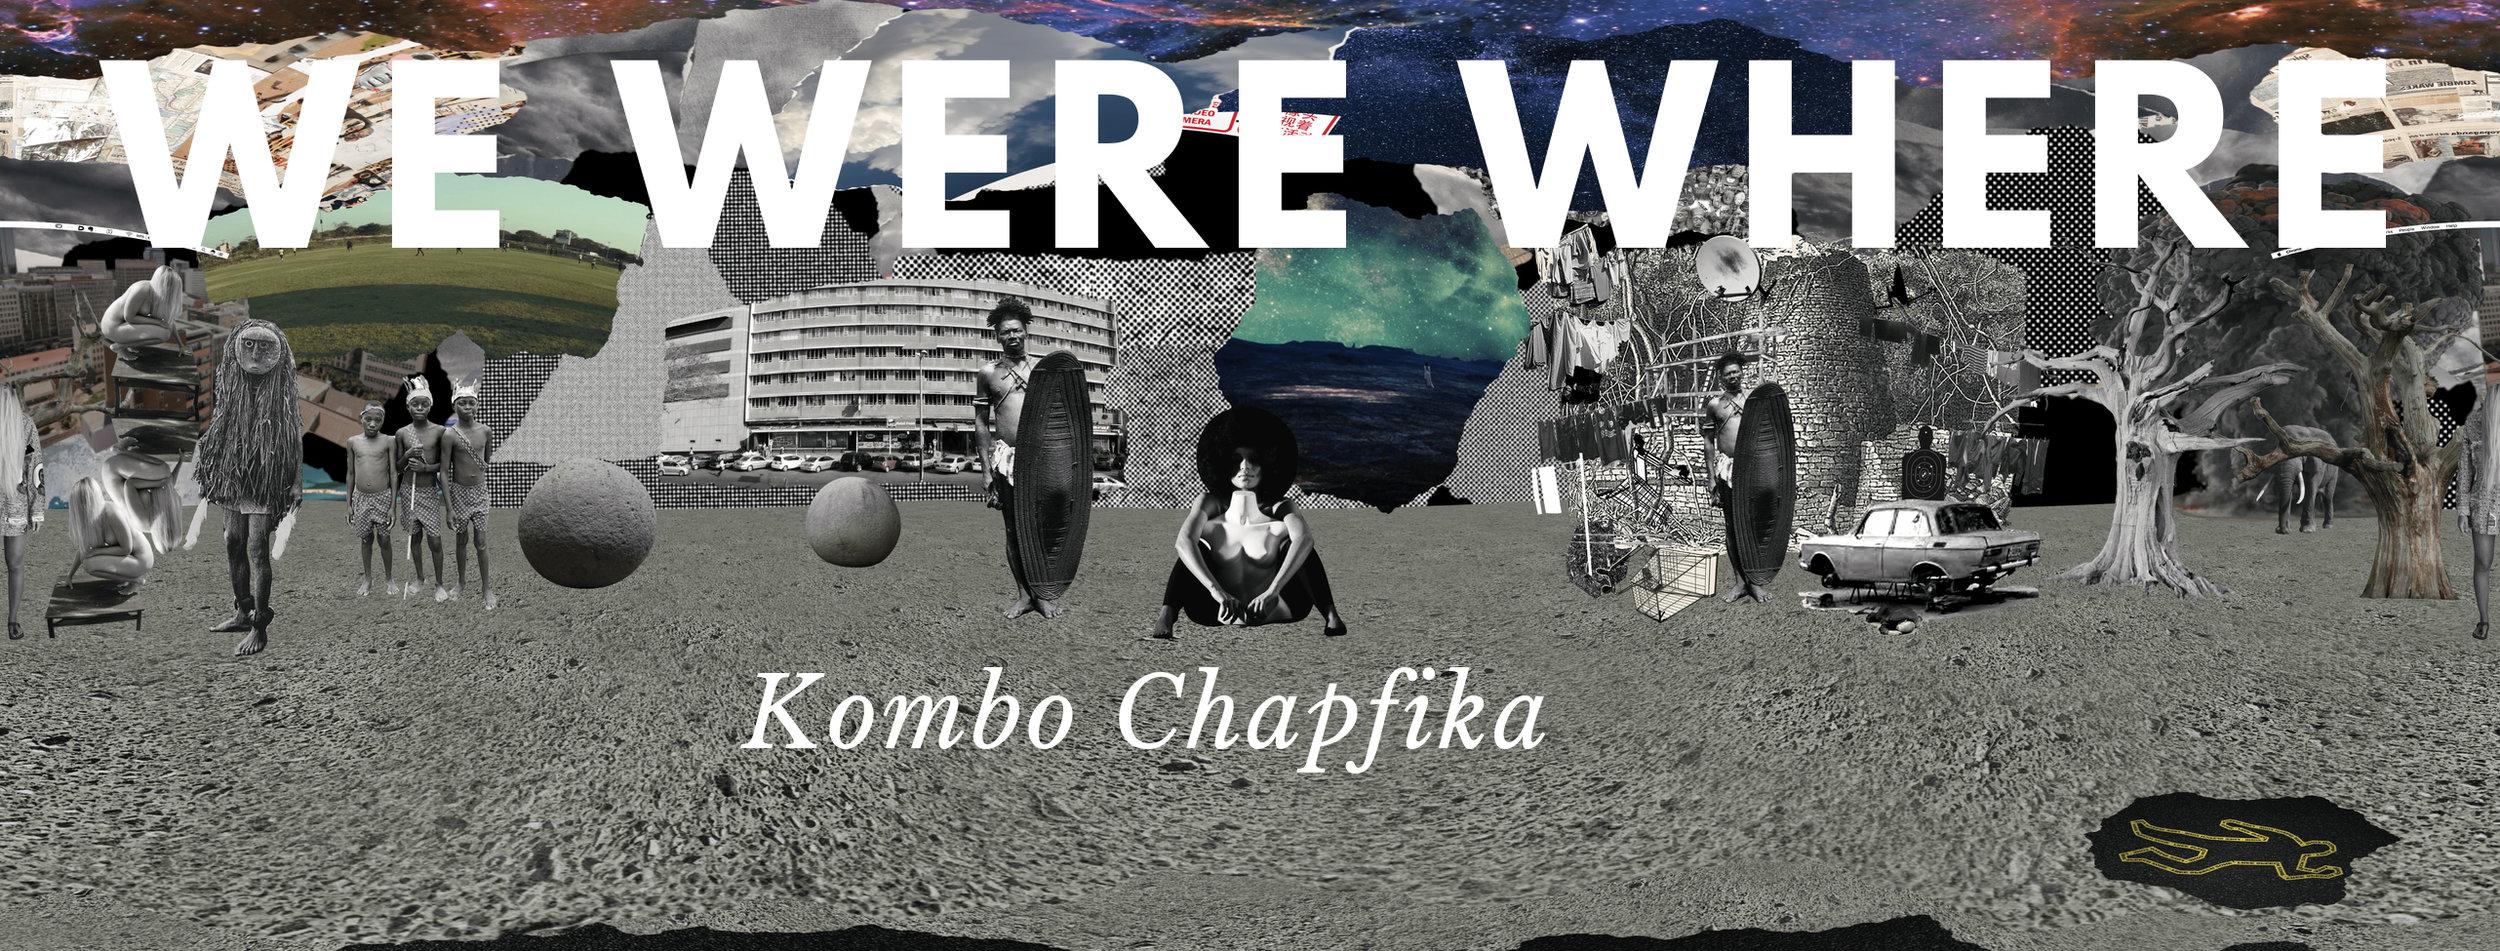 we where were (1).jpg